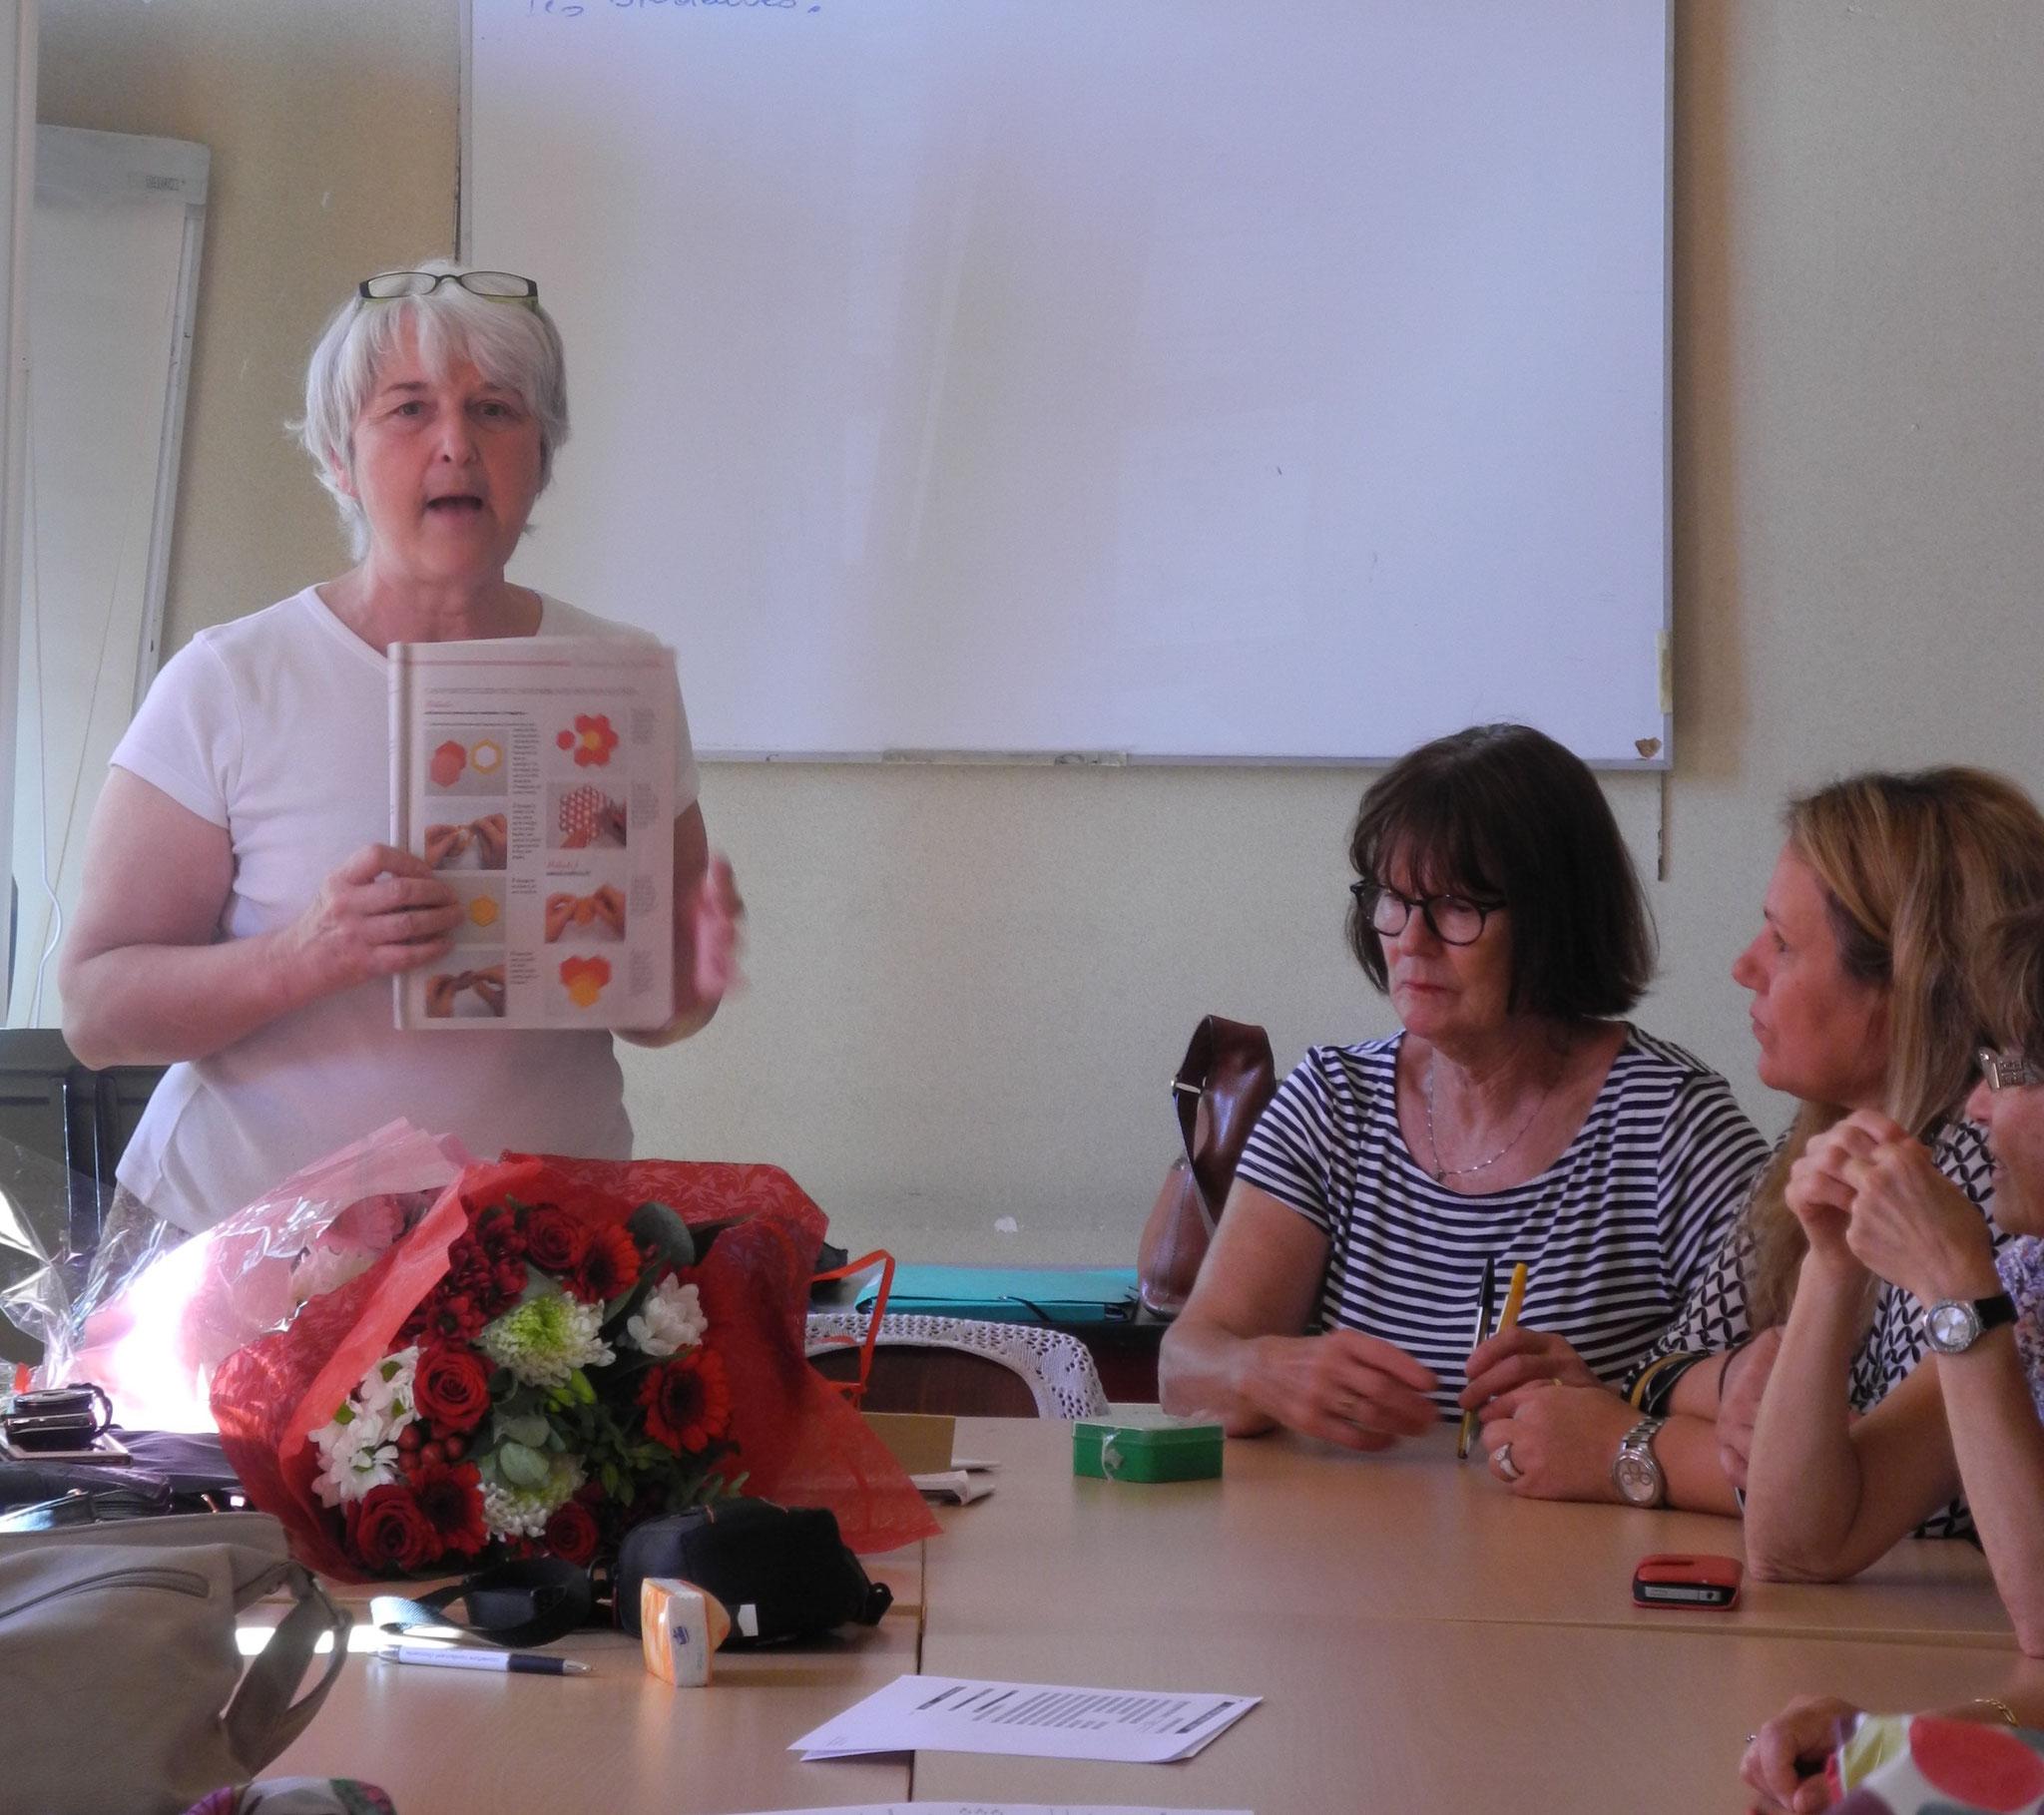 Annette nous présente les projets de l'année prochaine